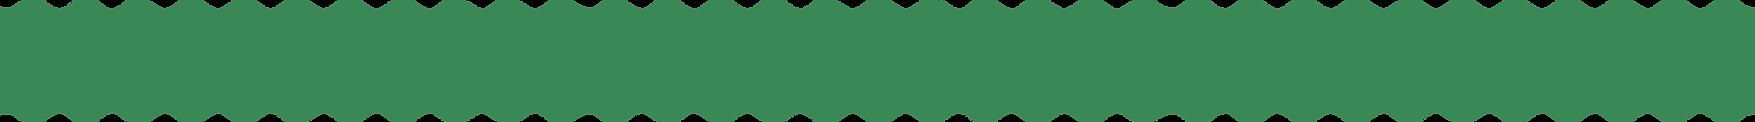 green-bg-03.png